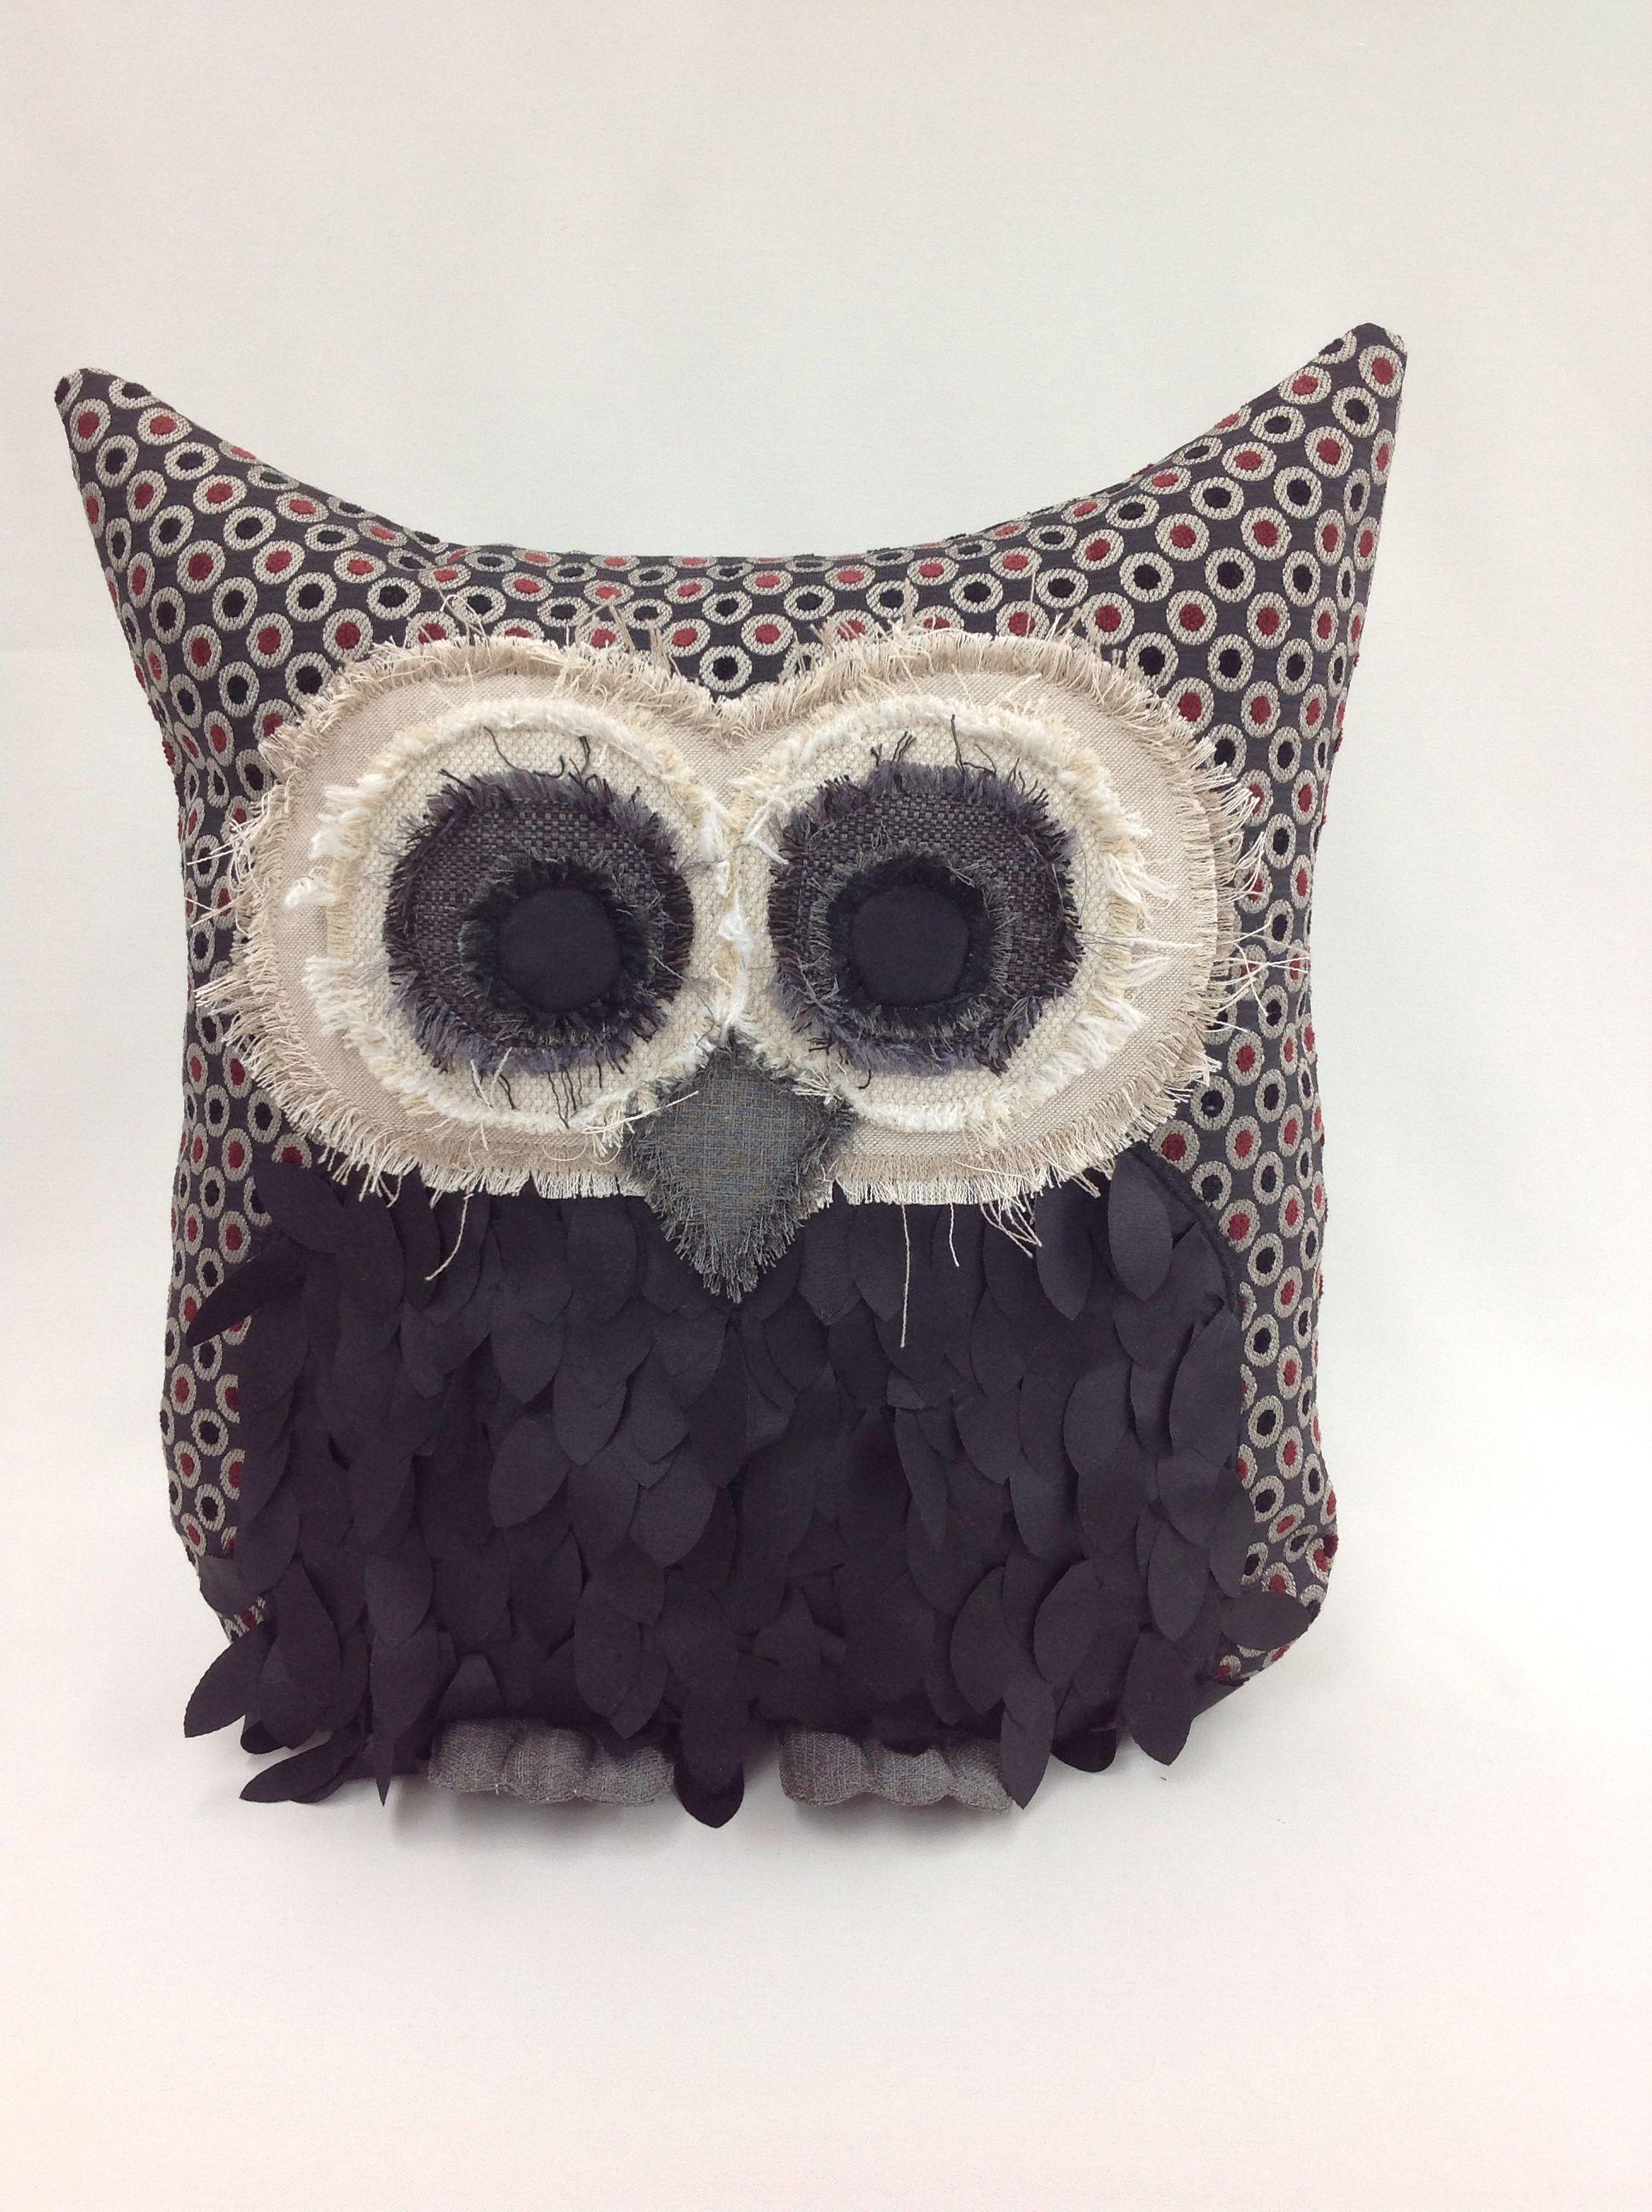 Owl Pillow Cr Ation De Janie St Pierre Pour Ambiance Daujourdhui